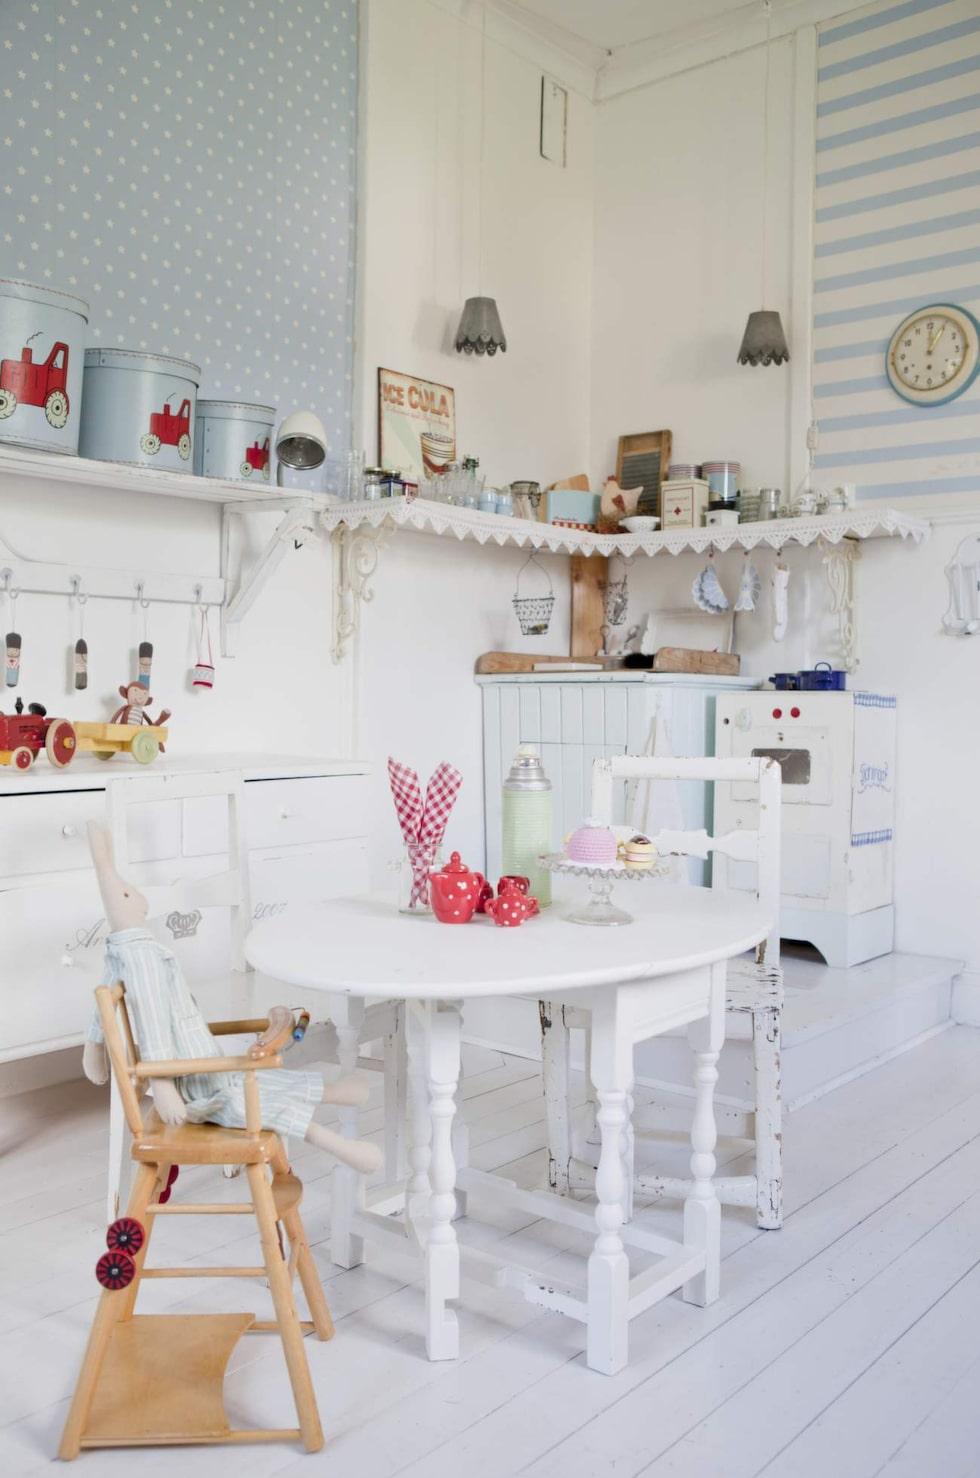 Rena drömrummet med eget kök och massor av vackra detaljer. Äldre möbler med vacker patina, lite nytt och lite egensnickrat.